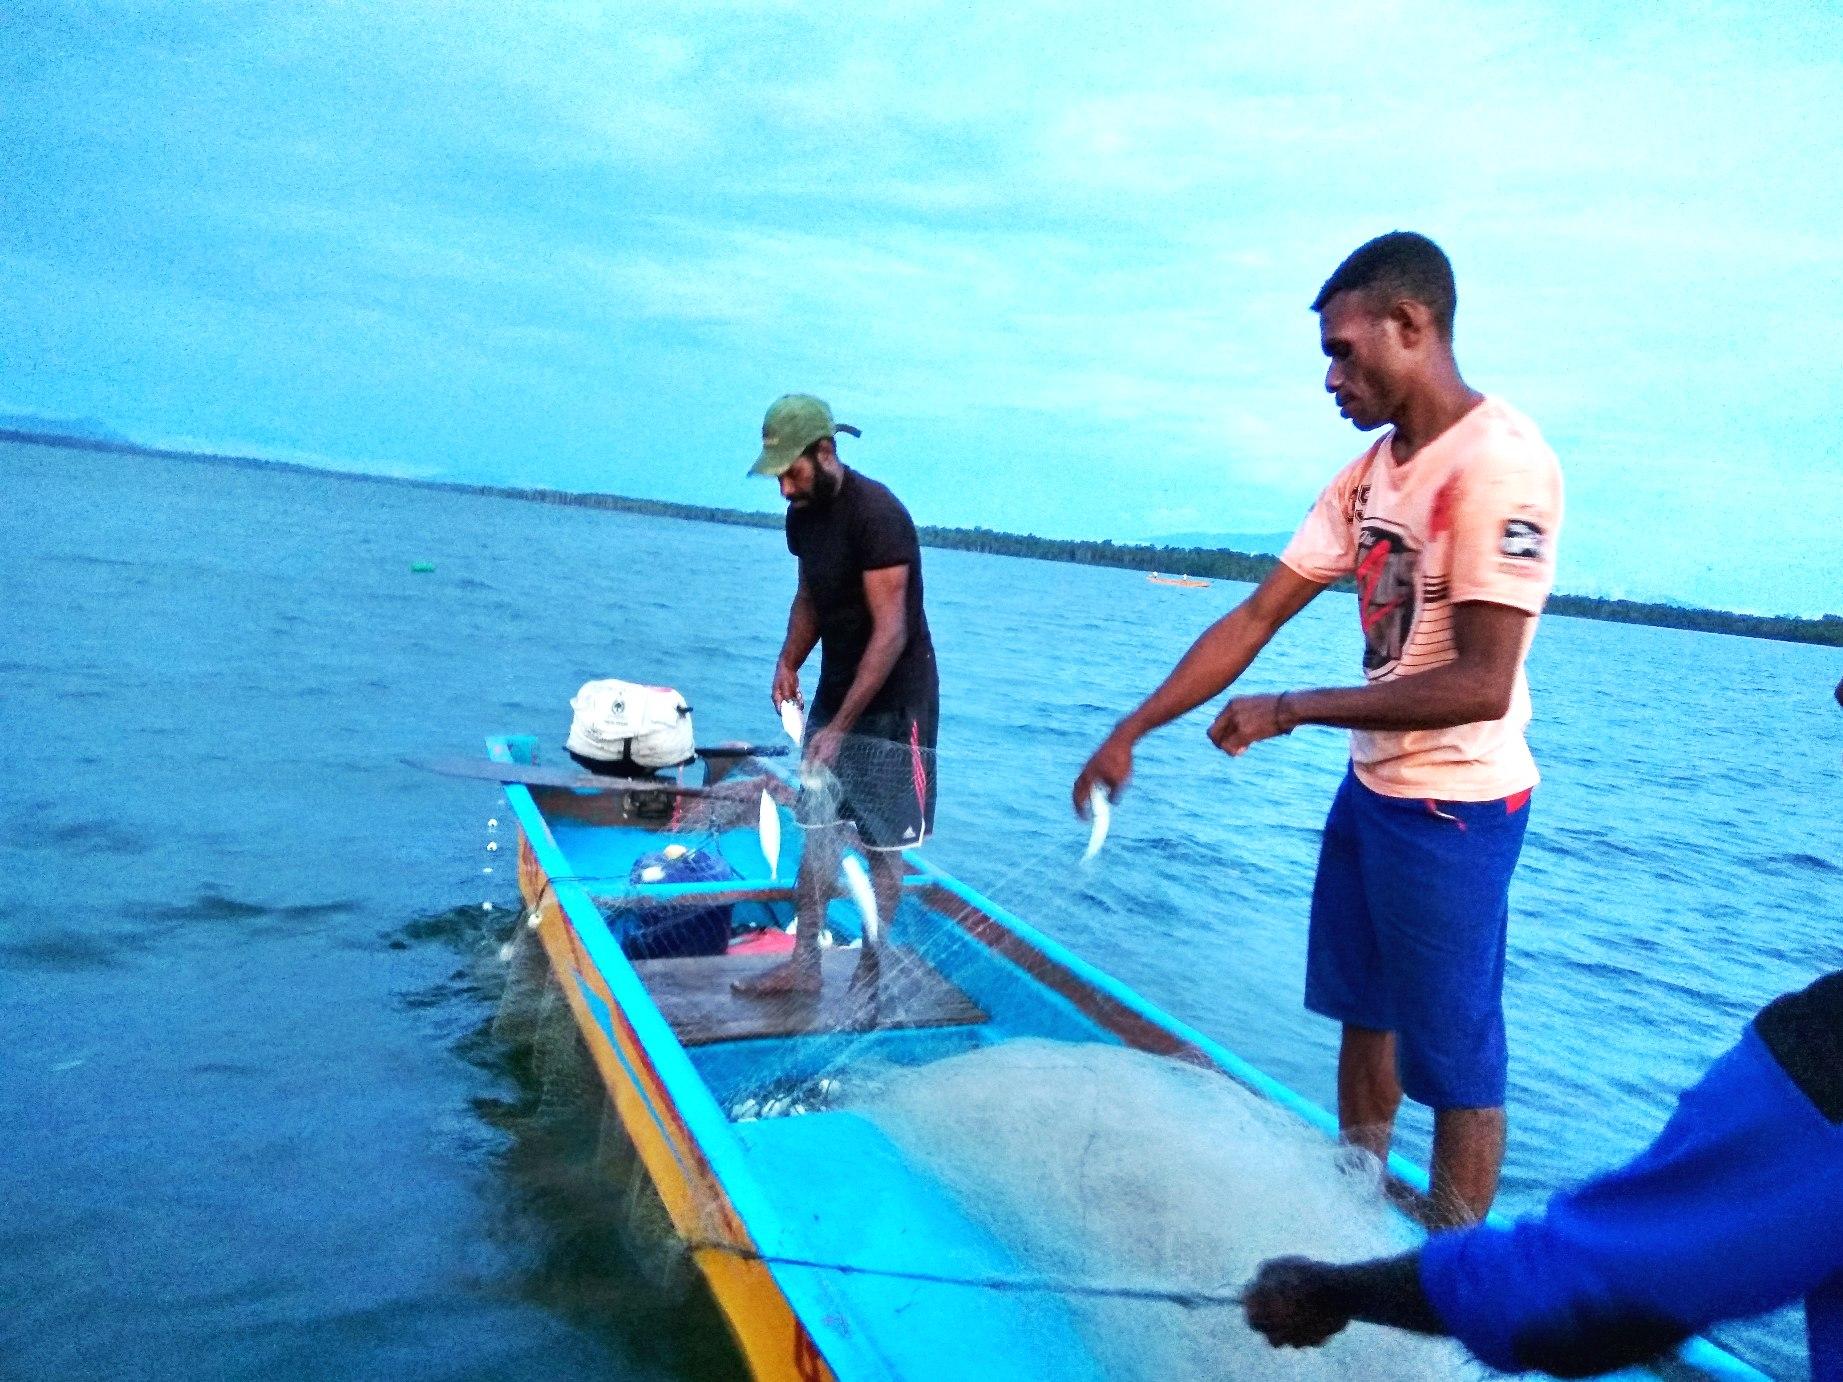 Nelayan menangkap ikan di perairan di kawasan konservasi Pulau Namatota, Kabupaten Kaimana, Papua Barat yang termasuk Kawasan Konservasi Perairan Daerah (KPPD) Kaimana. Foto : M Ambari